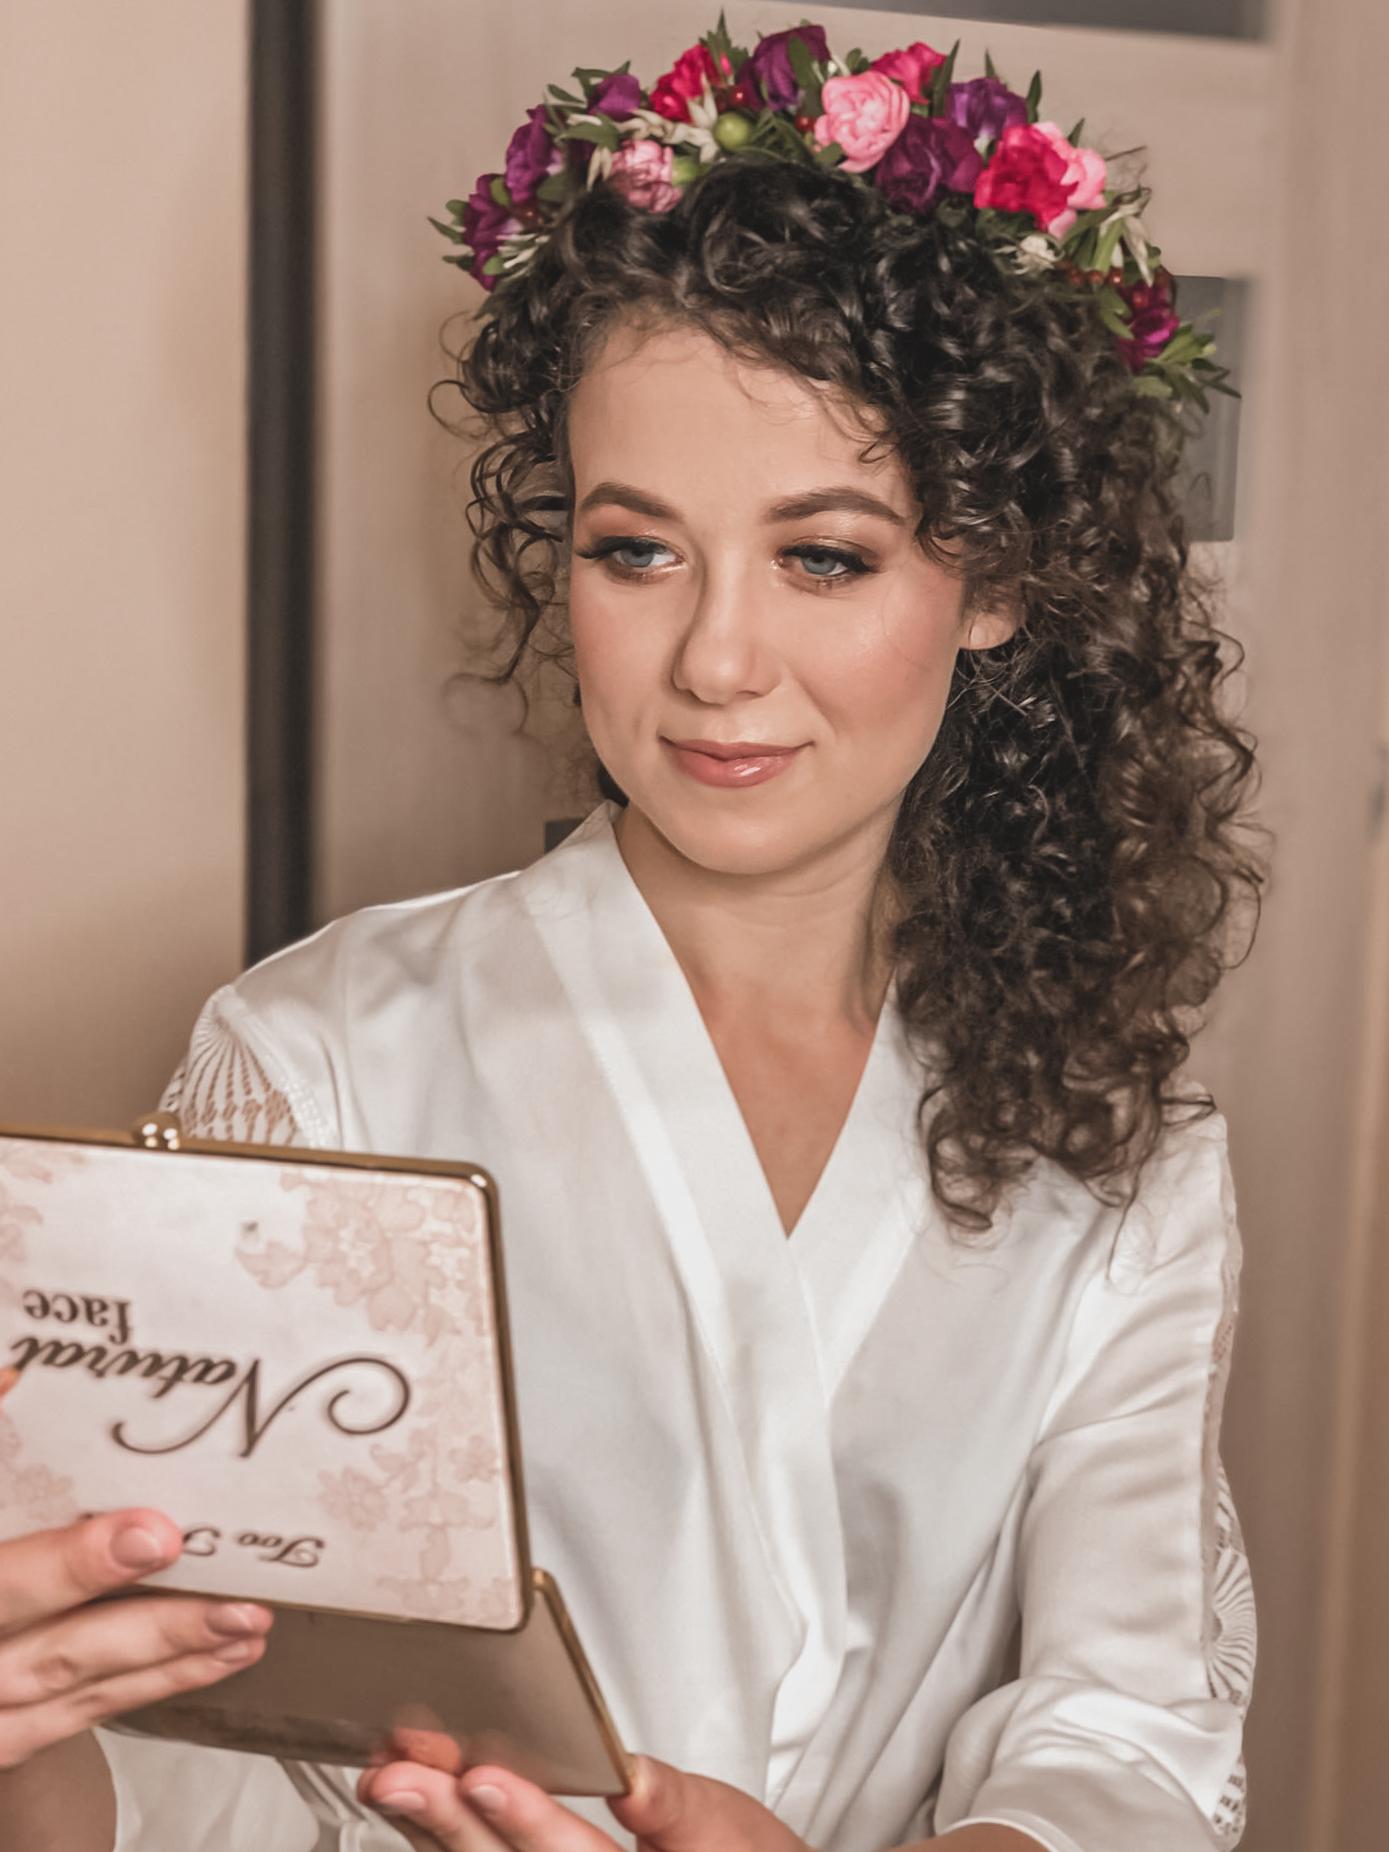 makijaż ślubny, zakreecony ślub, jagodzinska make up